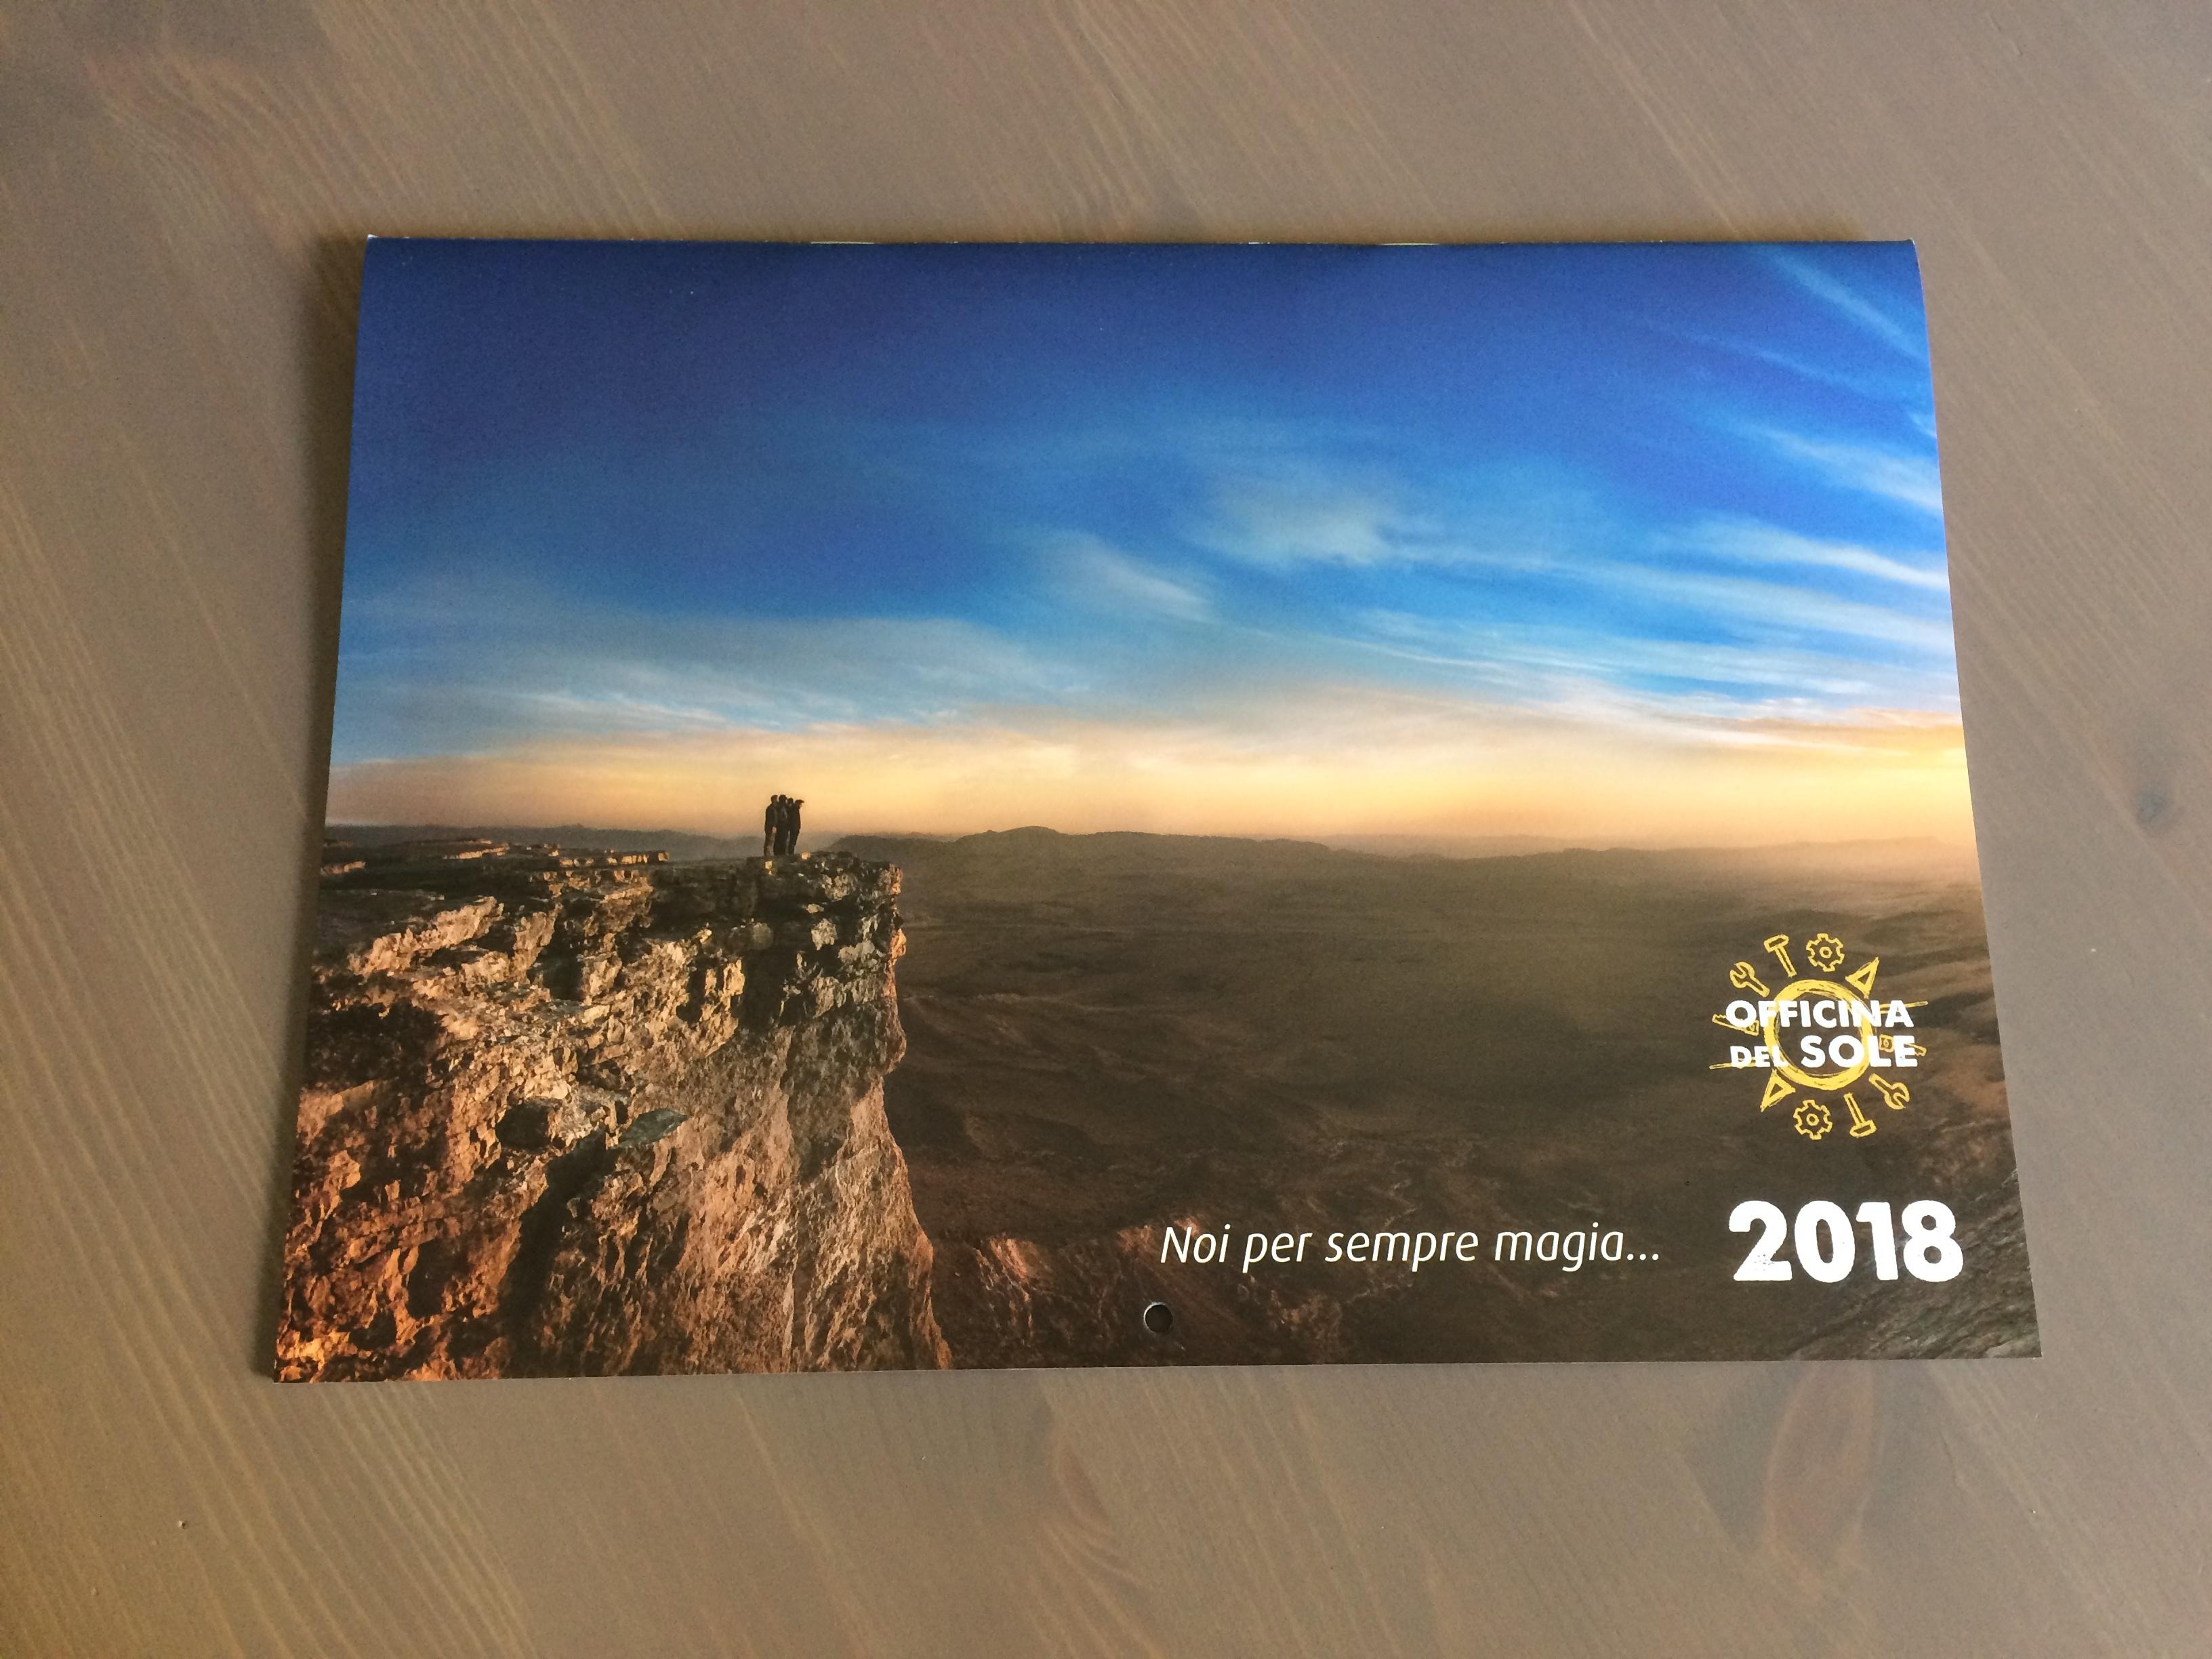 copertina calendario 2018 officina del sole fan club the sun rock music band